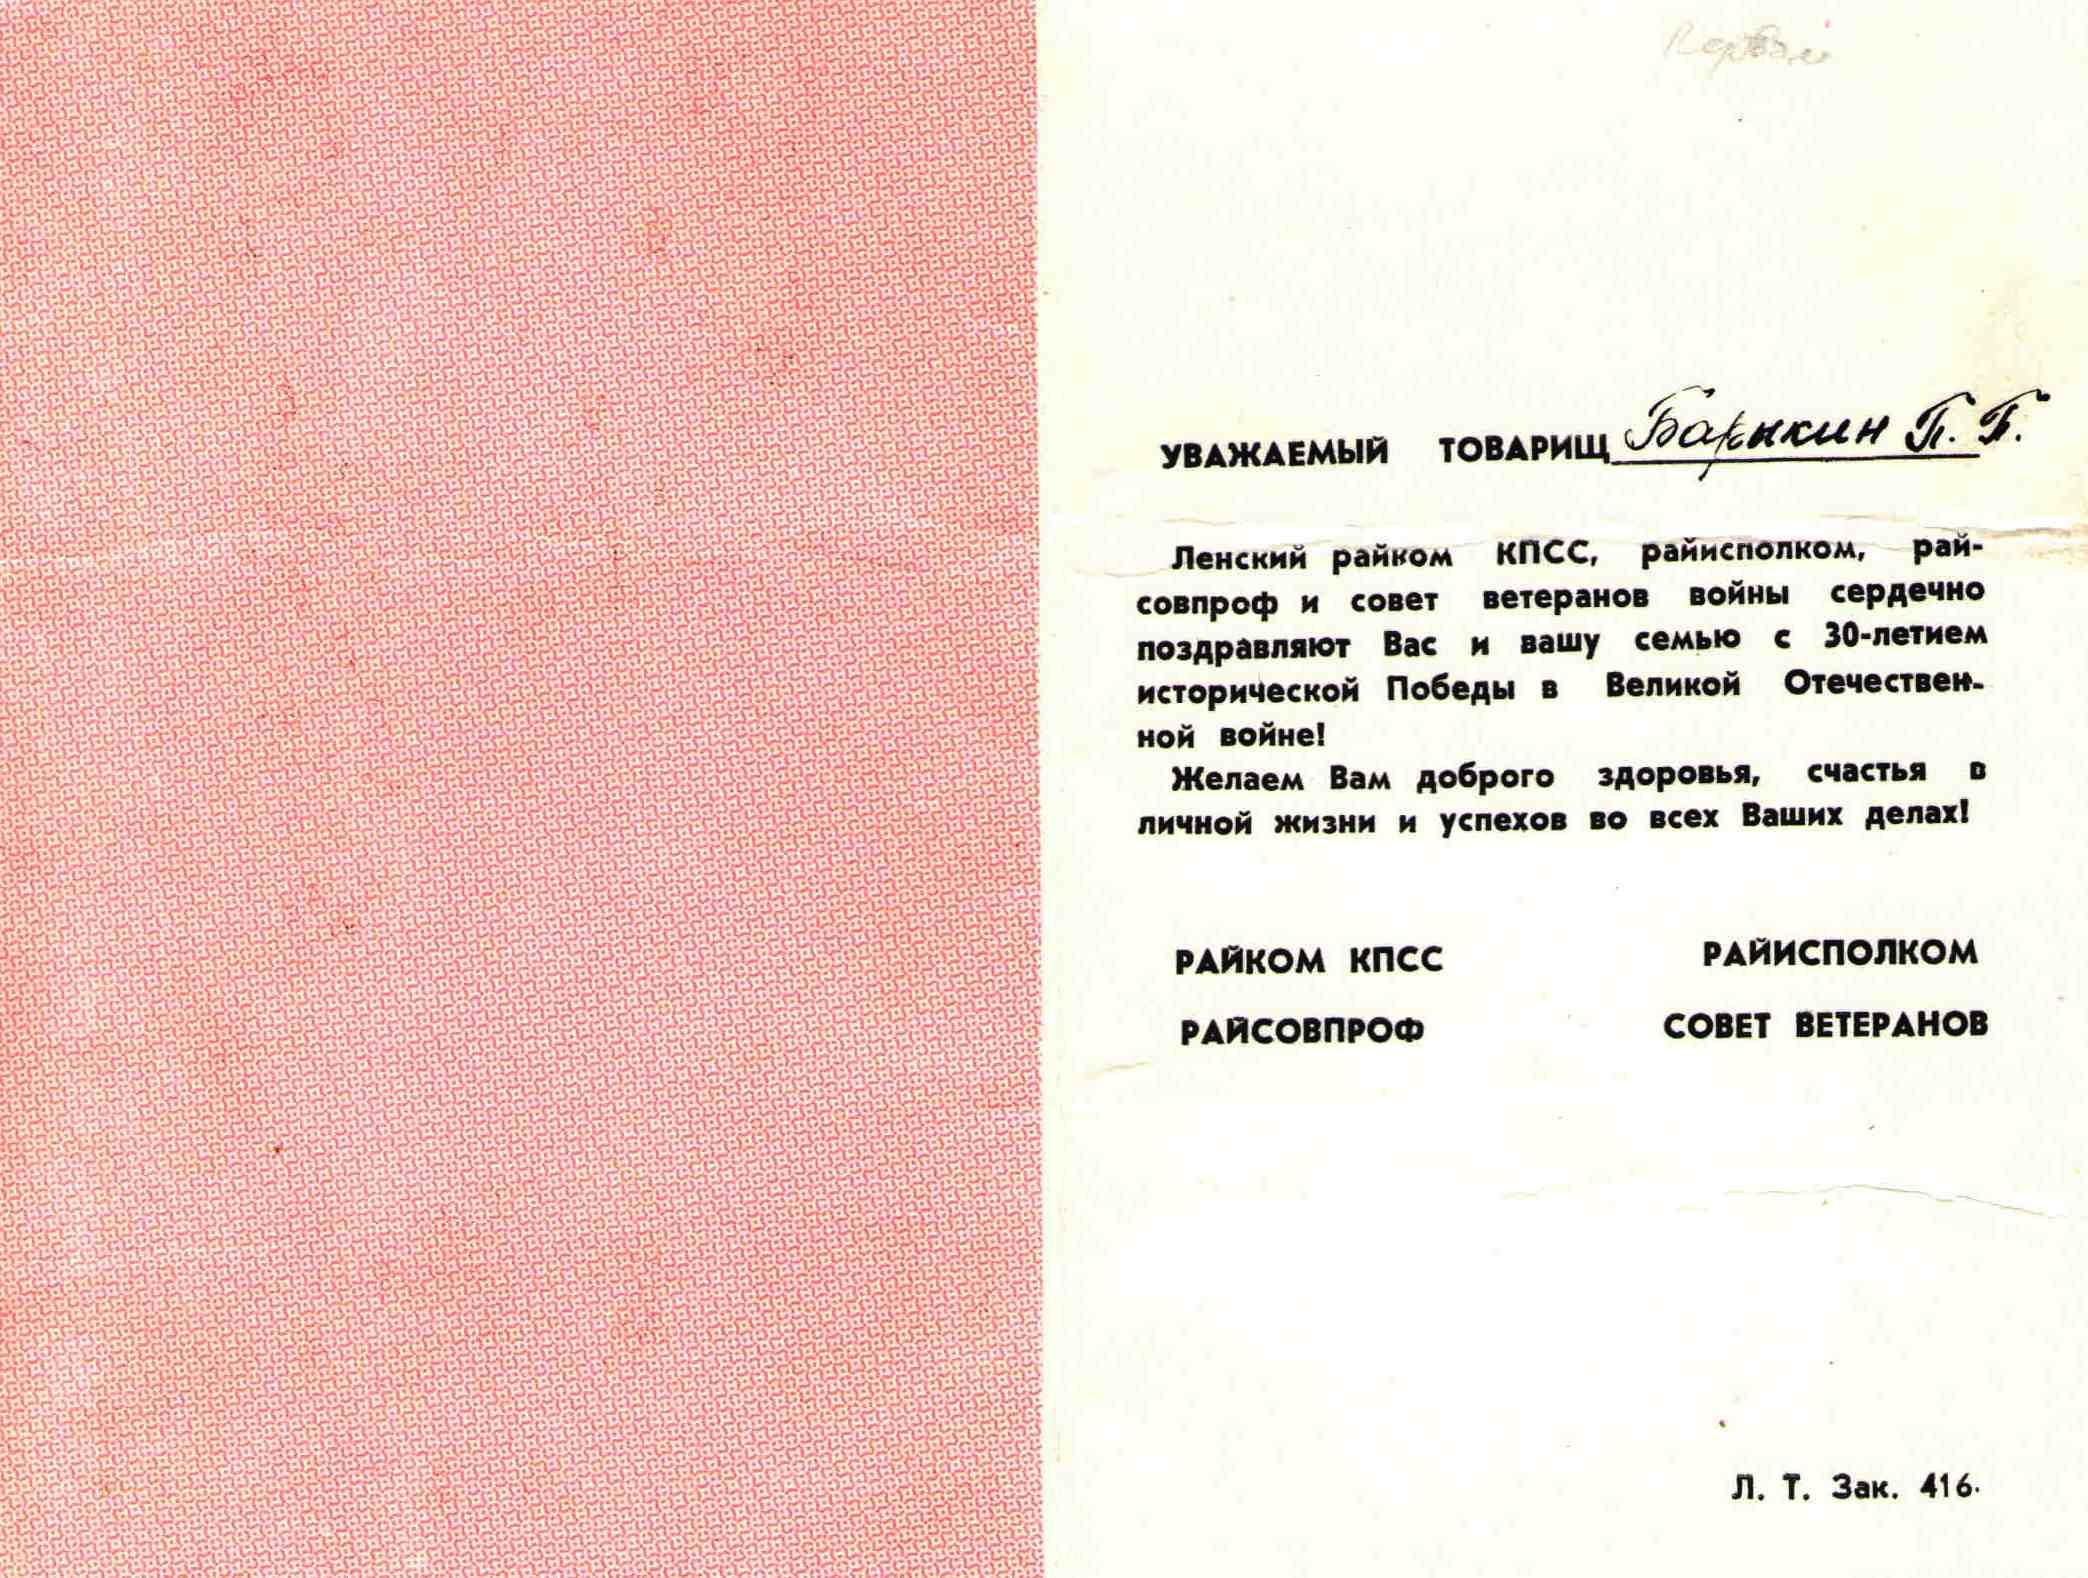 95. Поздравительная открытка с Днем Победы, Барыкин ПП, 1975